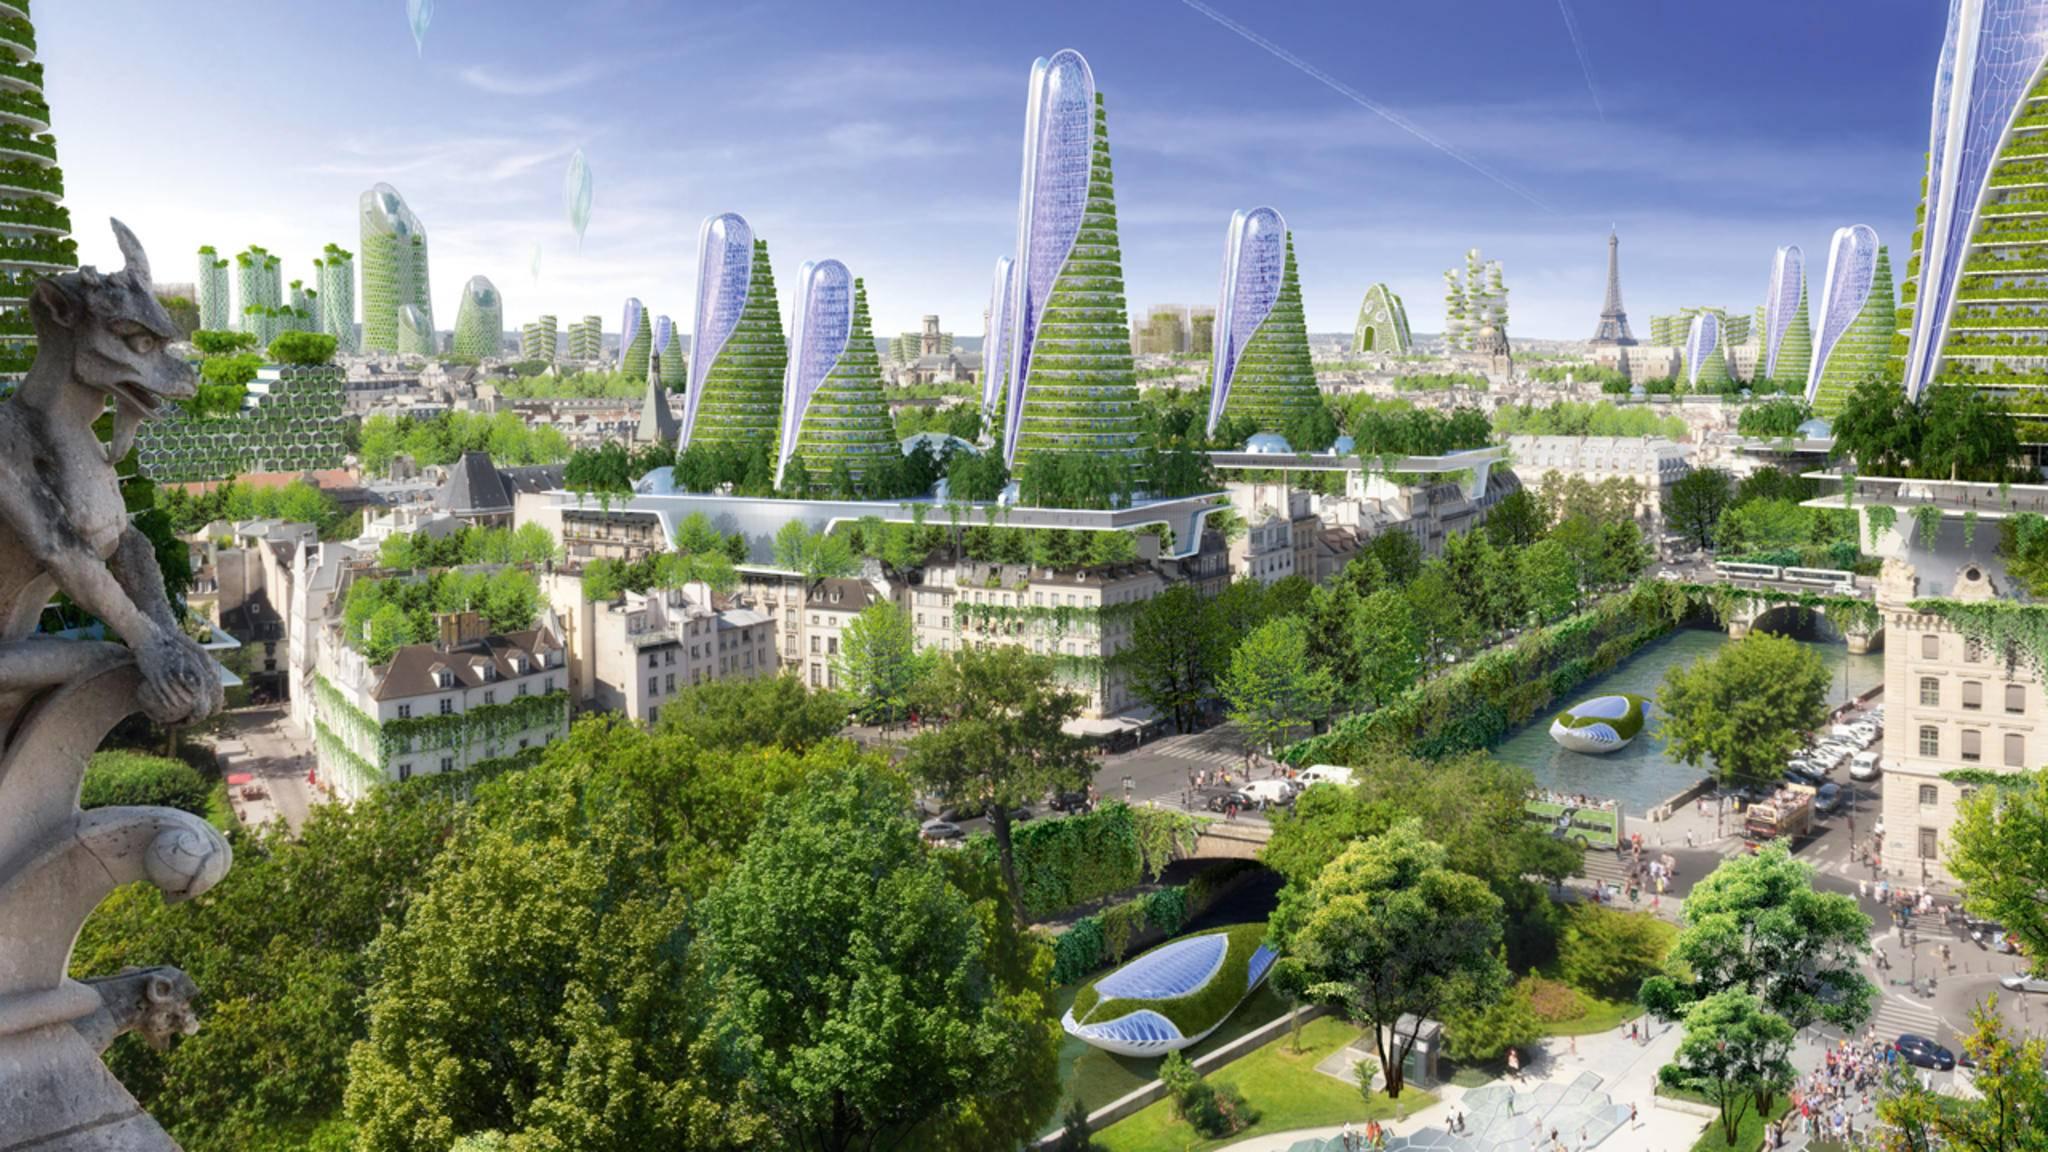 Paris, très smart: Der Entwurf einer smarten Eco-City des Architekten Vincent Callebaut will den ehrgeizigen Klimaplan für Paris umsetzen, der bis 2050 75 Prozent der Treibhausgasemissionen einsparen soll.